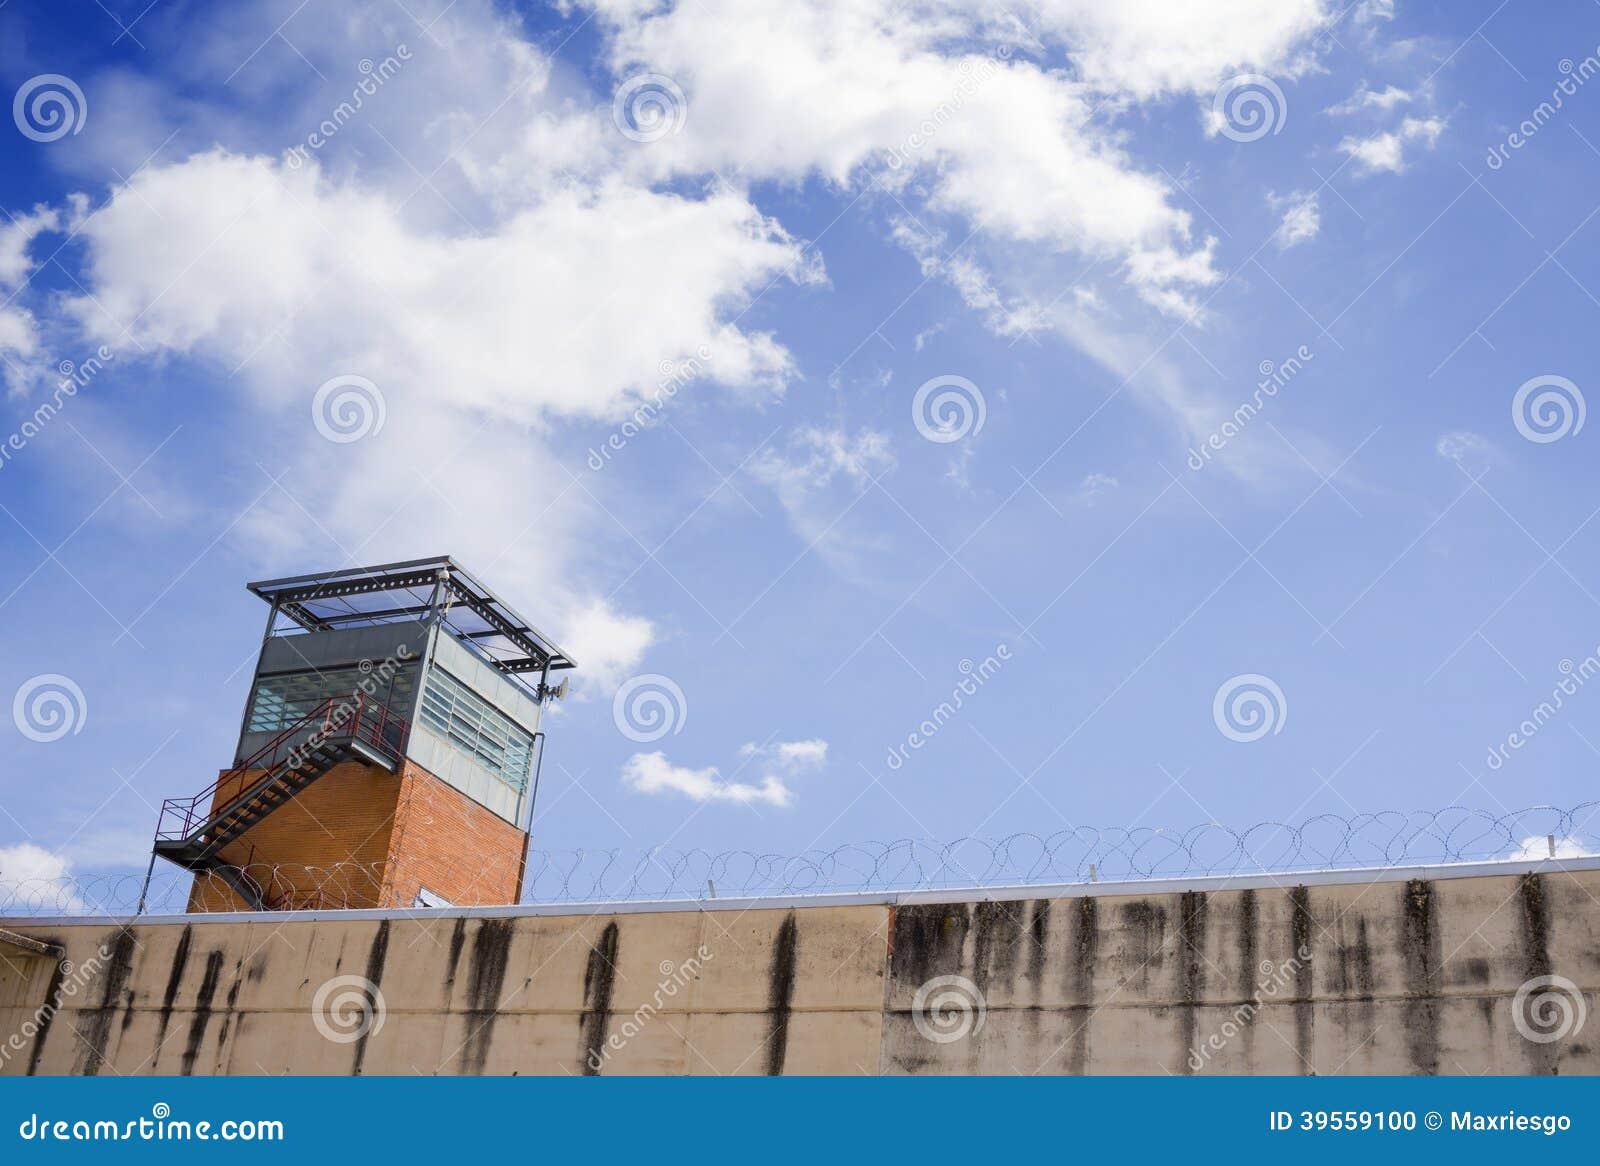 监狱塔攻略_黑铁监狱塔 攻略_监狱塔